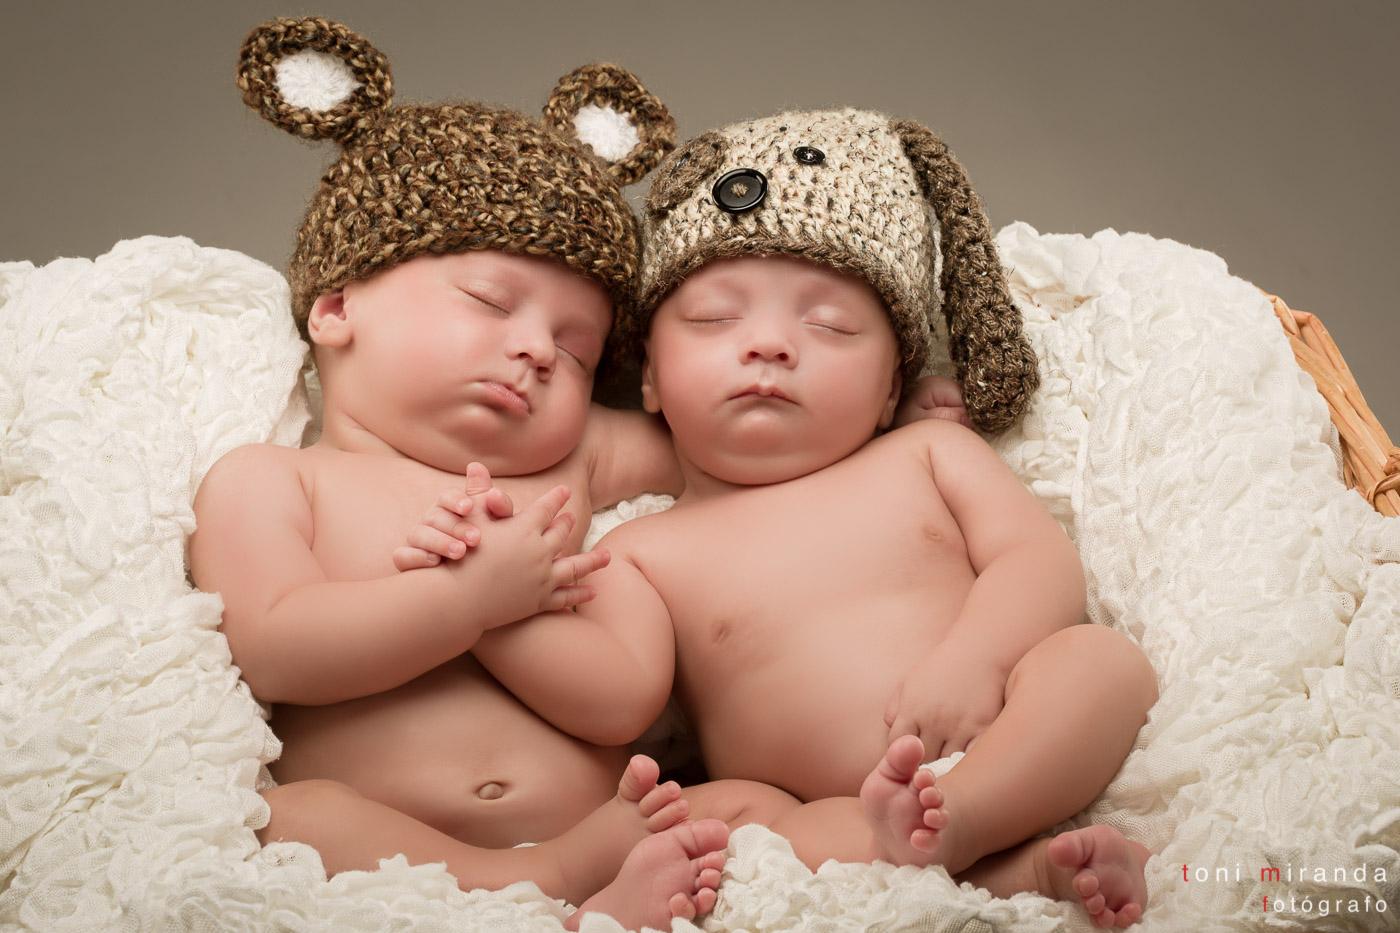 Barriga en el embarazo gemelar - Cuando Pares a Pares